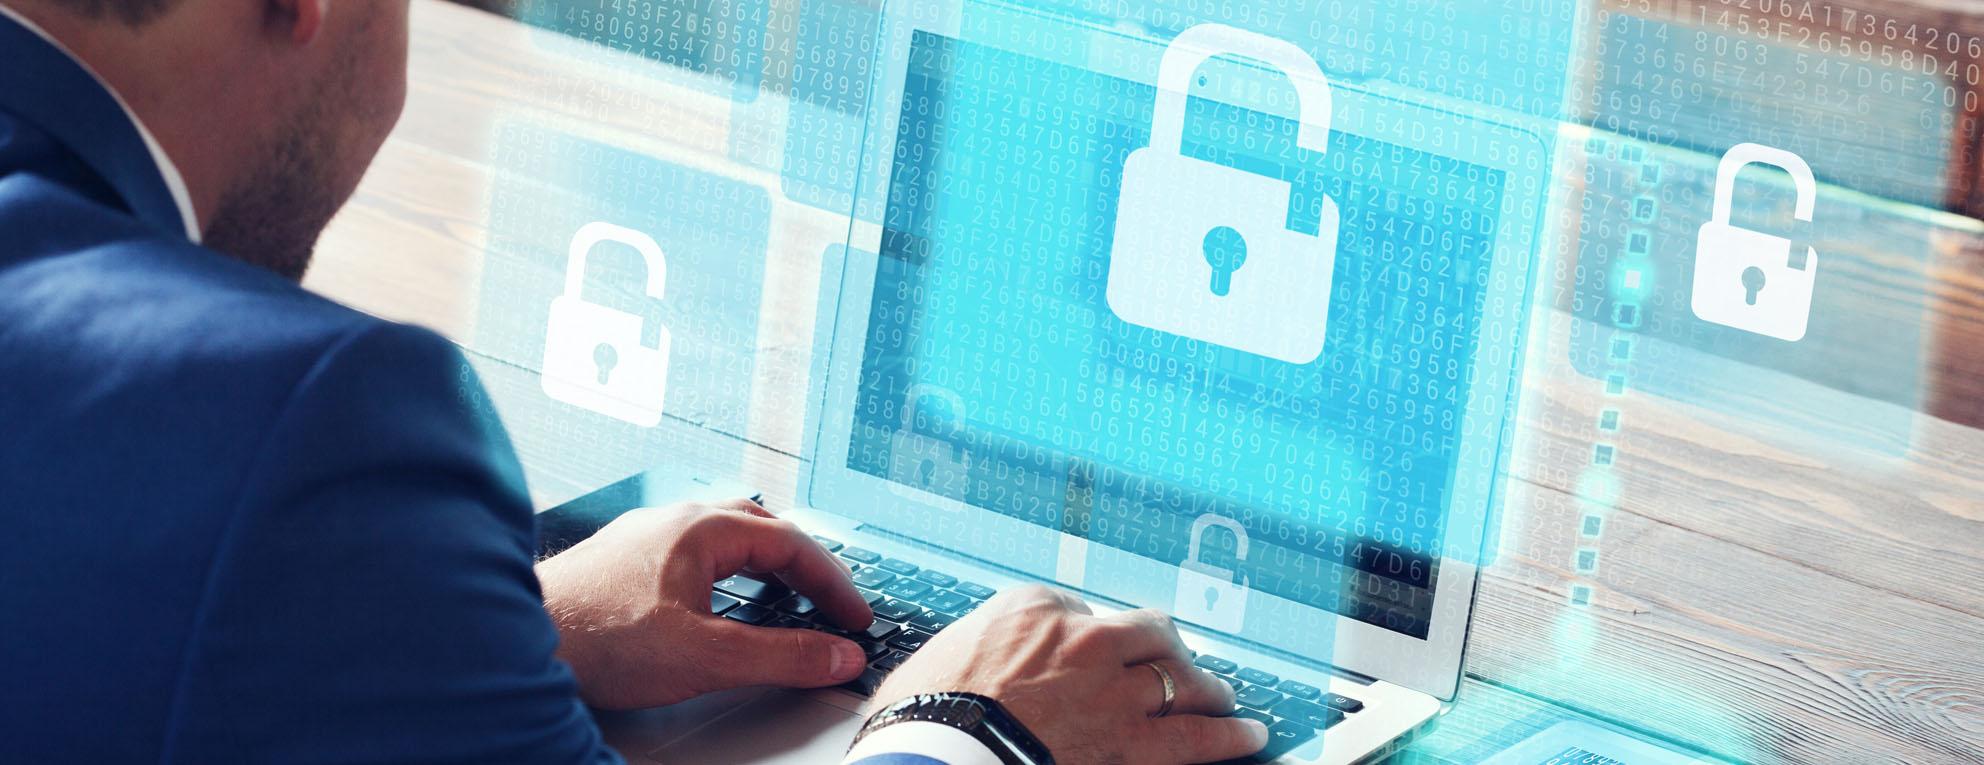 En los últimos meses, han surgido variaciones del Virus Informático Cryptolocker, el troyano contra el que pelean en estos momentos las empresas de seguridad informática, encripta toda la información del ordenador afectado, que solo puede recuperarse si se paga un incierto rescate a los ciberdelincuentes.